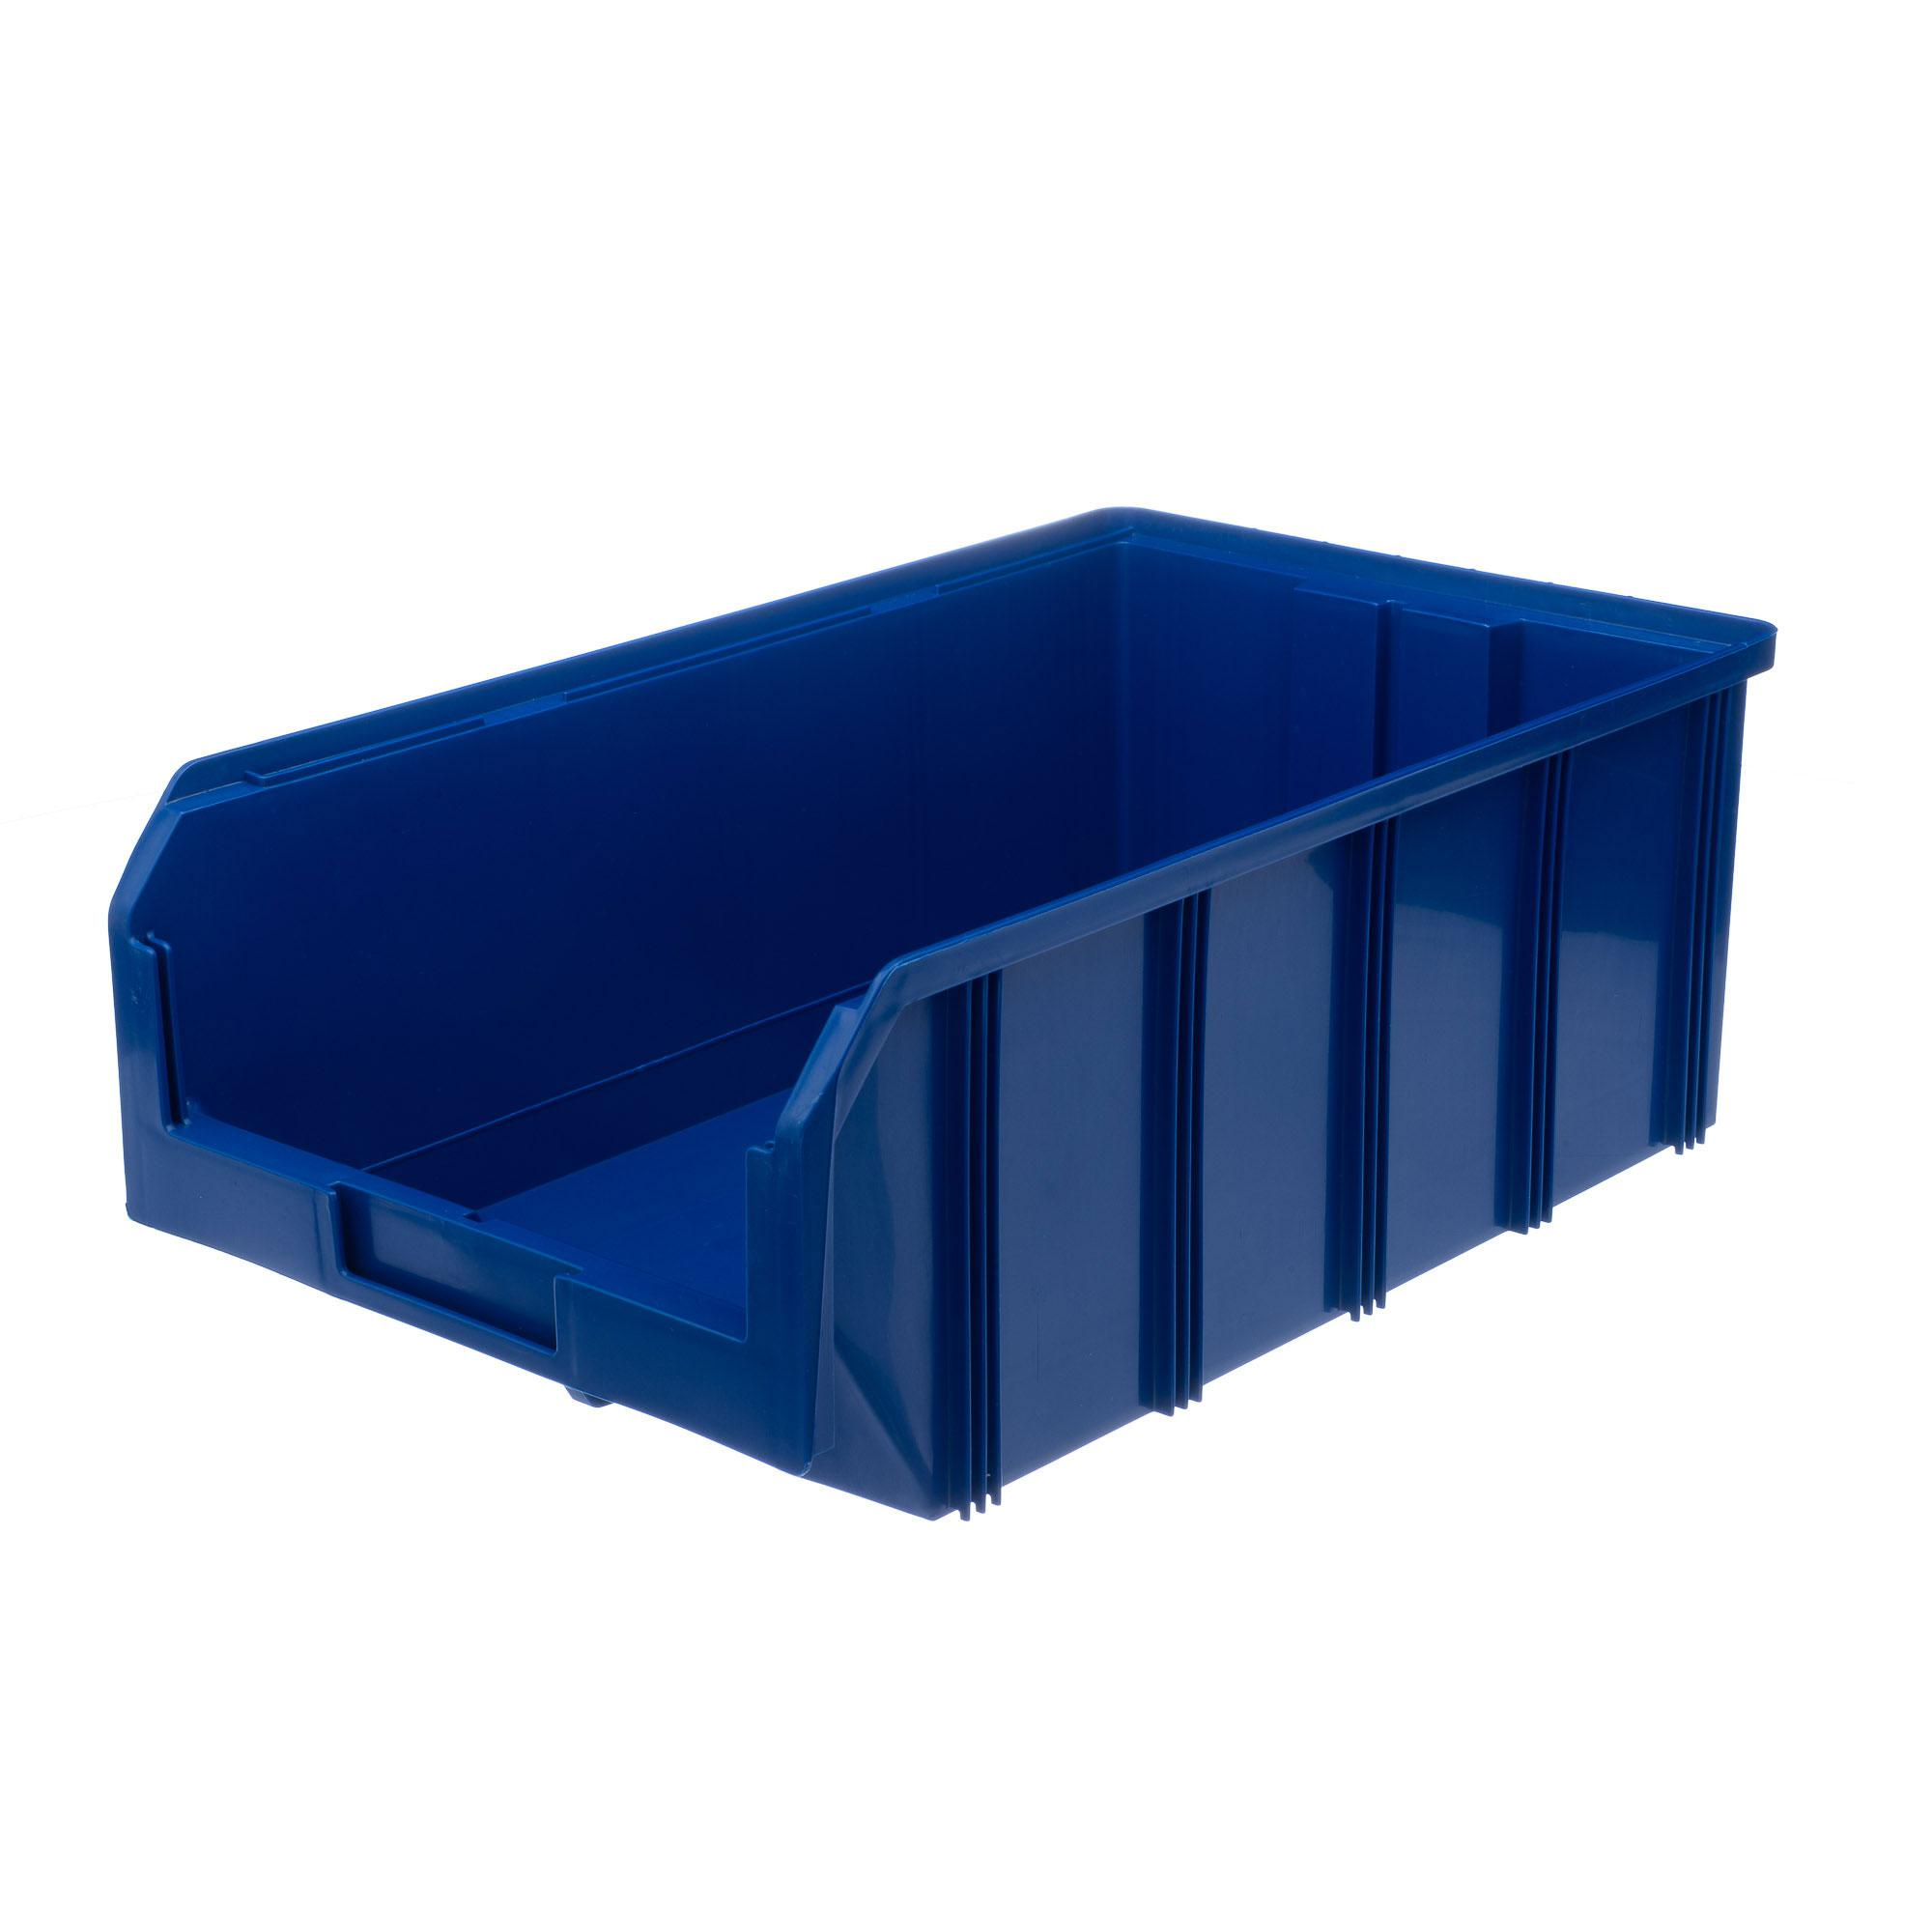 Ящик СТЕЛЛА V-4 синий